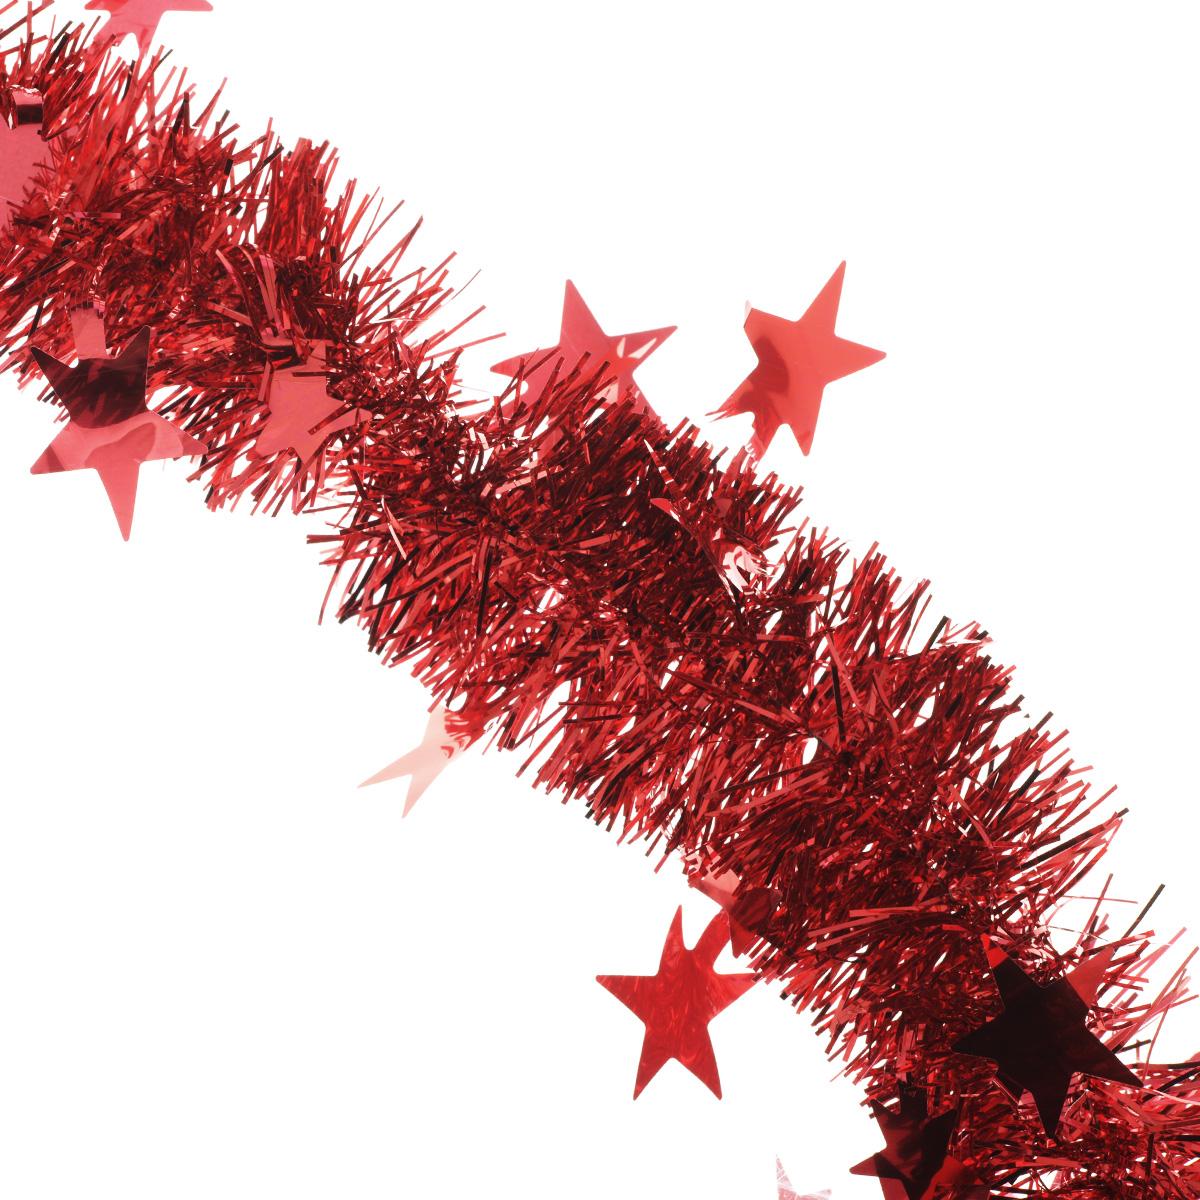 Мишура новогодняя Sima-land, цвет: красный, диаметр 5 см, длина 2 м. 702609702609Мишура новогодняя Sima-land, выполненная из фольги, поможет вам украсить свой дом к предстоящим праздникам. Мишура армирована, то есть имеет проволоку внутри и способна сохранять приданную ей форму. Новогодняя елка с таким украшением станет еще наряднее. Новогодней мишурой можно украсить все, что угодно - елку, квартиру, дачу, офис - как внутри, так и снаружи. Можно сложить новогодние поздравления, буквы и цифры, мишурой можно украсить и дополнить гирлянды, можно выделить дверные колонны, оплести дверные проемы. Коллекция декоративных украшений из серии Зимнее волшебство принесет в ваш дом ни с чем несравнимое ощущение праздника! Создайте в своем доме атмосферу тепла, веселья и радости, украшая его всей семьей.